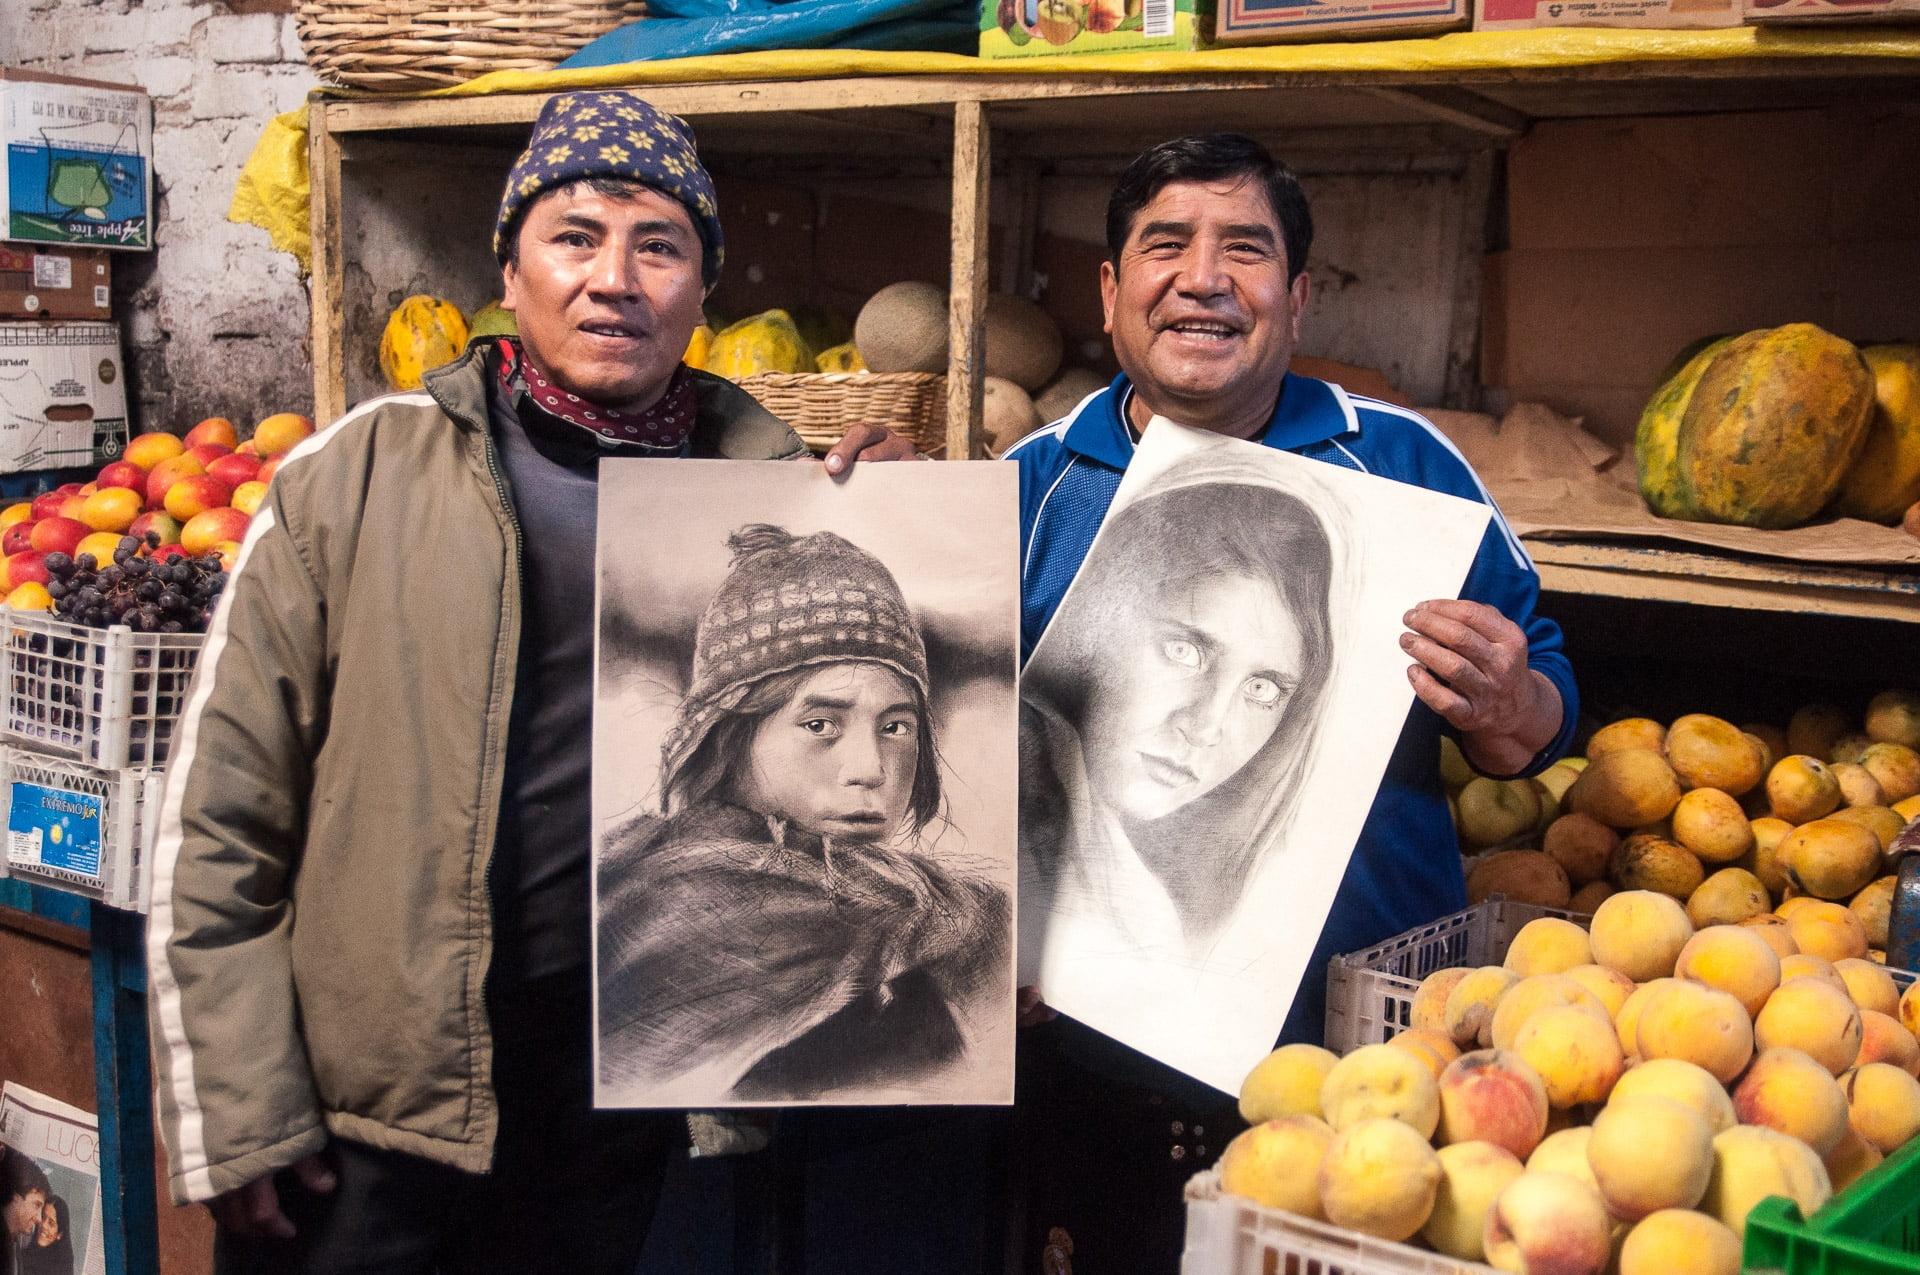 cajamarca marché rencontres - Les globe blogueurs - blog voyage nature